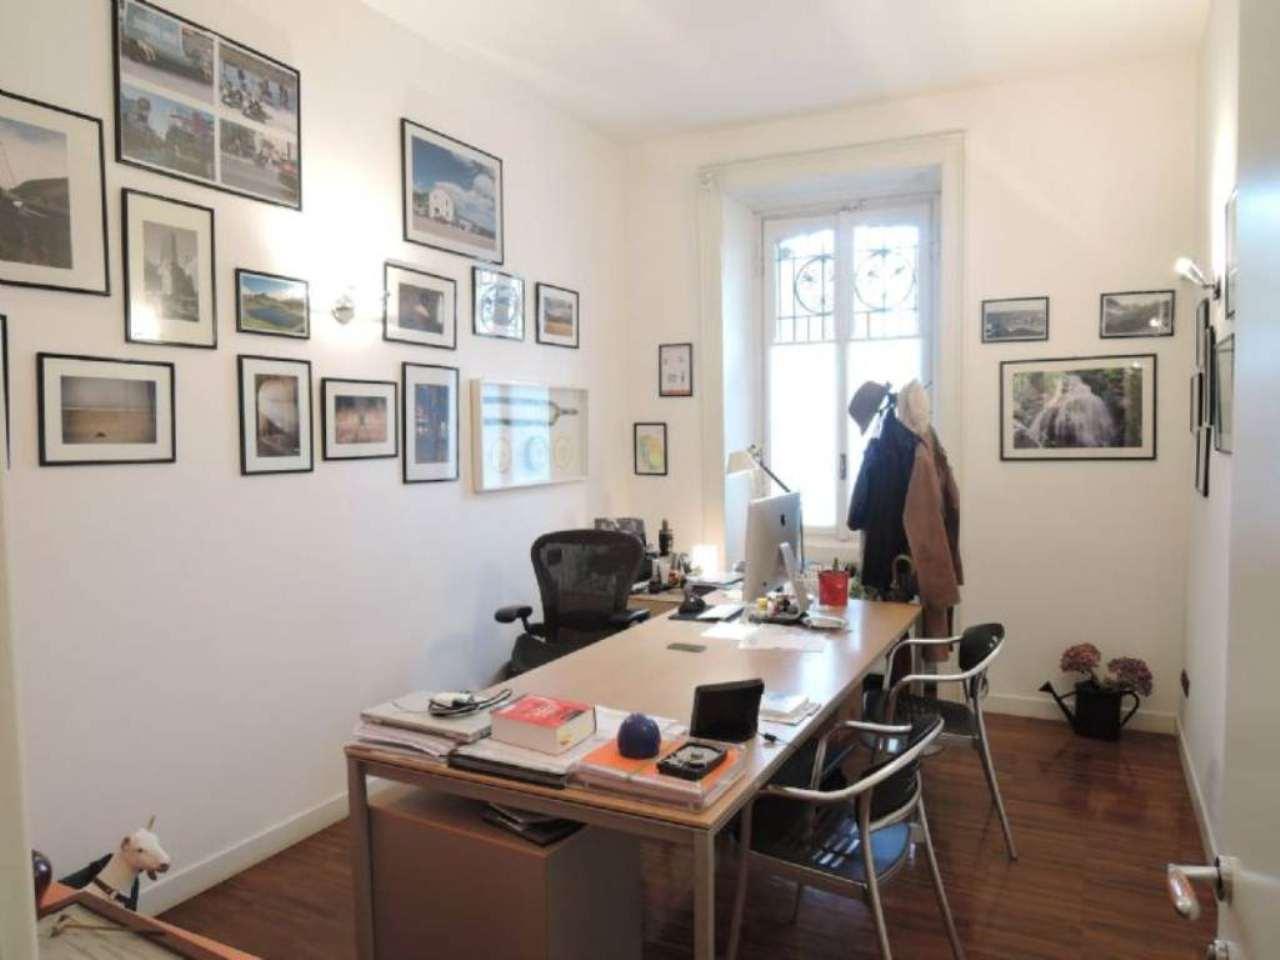 In Vendita Ufficio / Studio a Milano